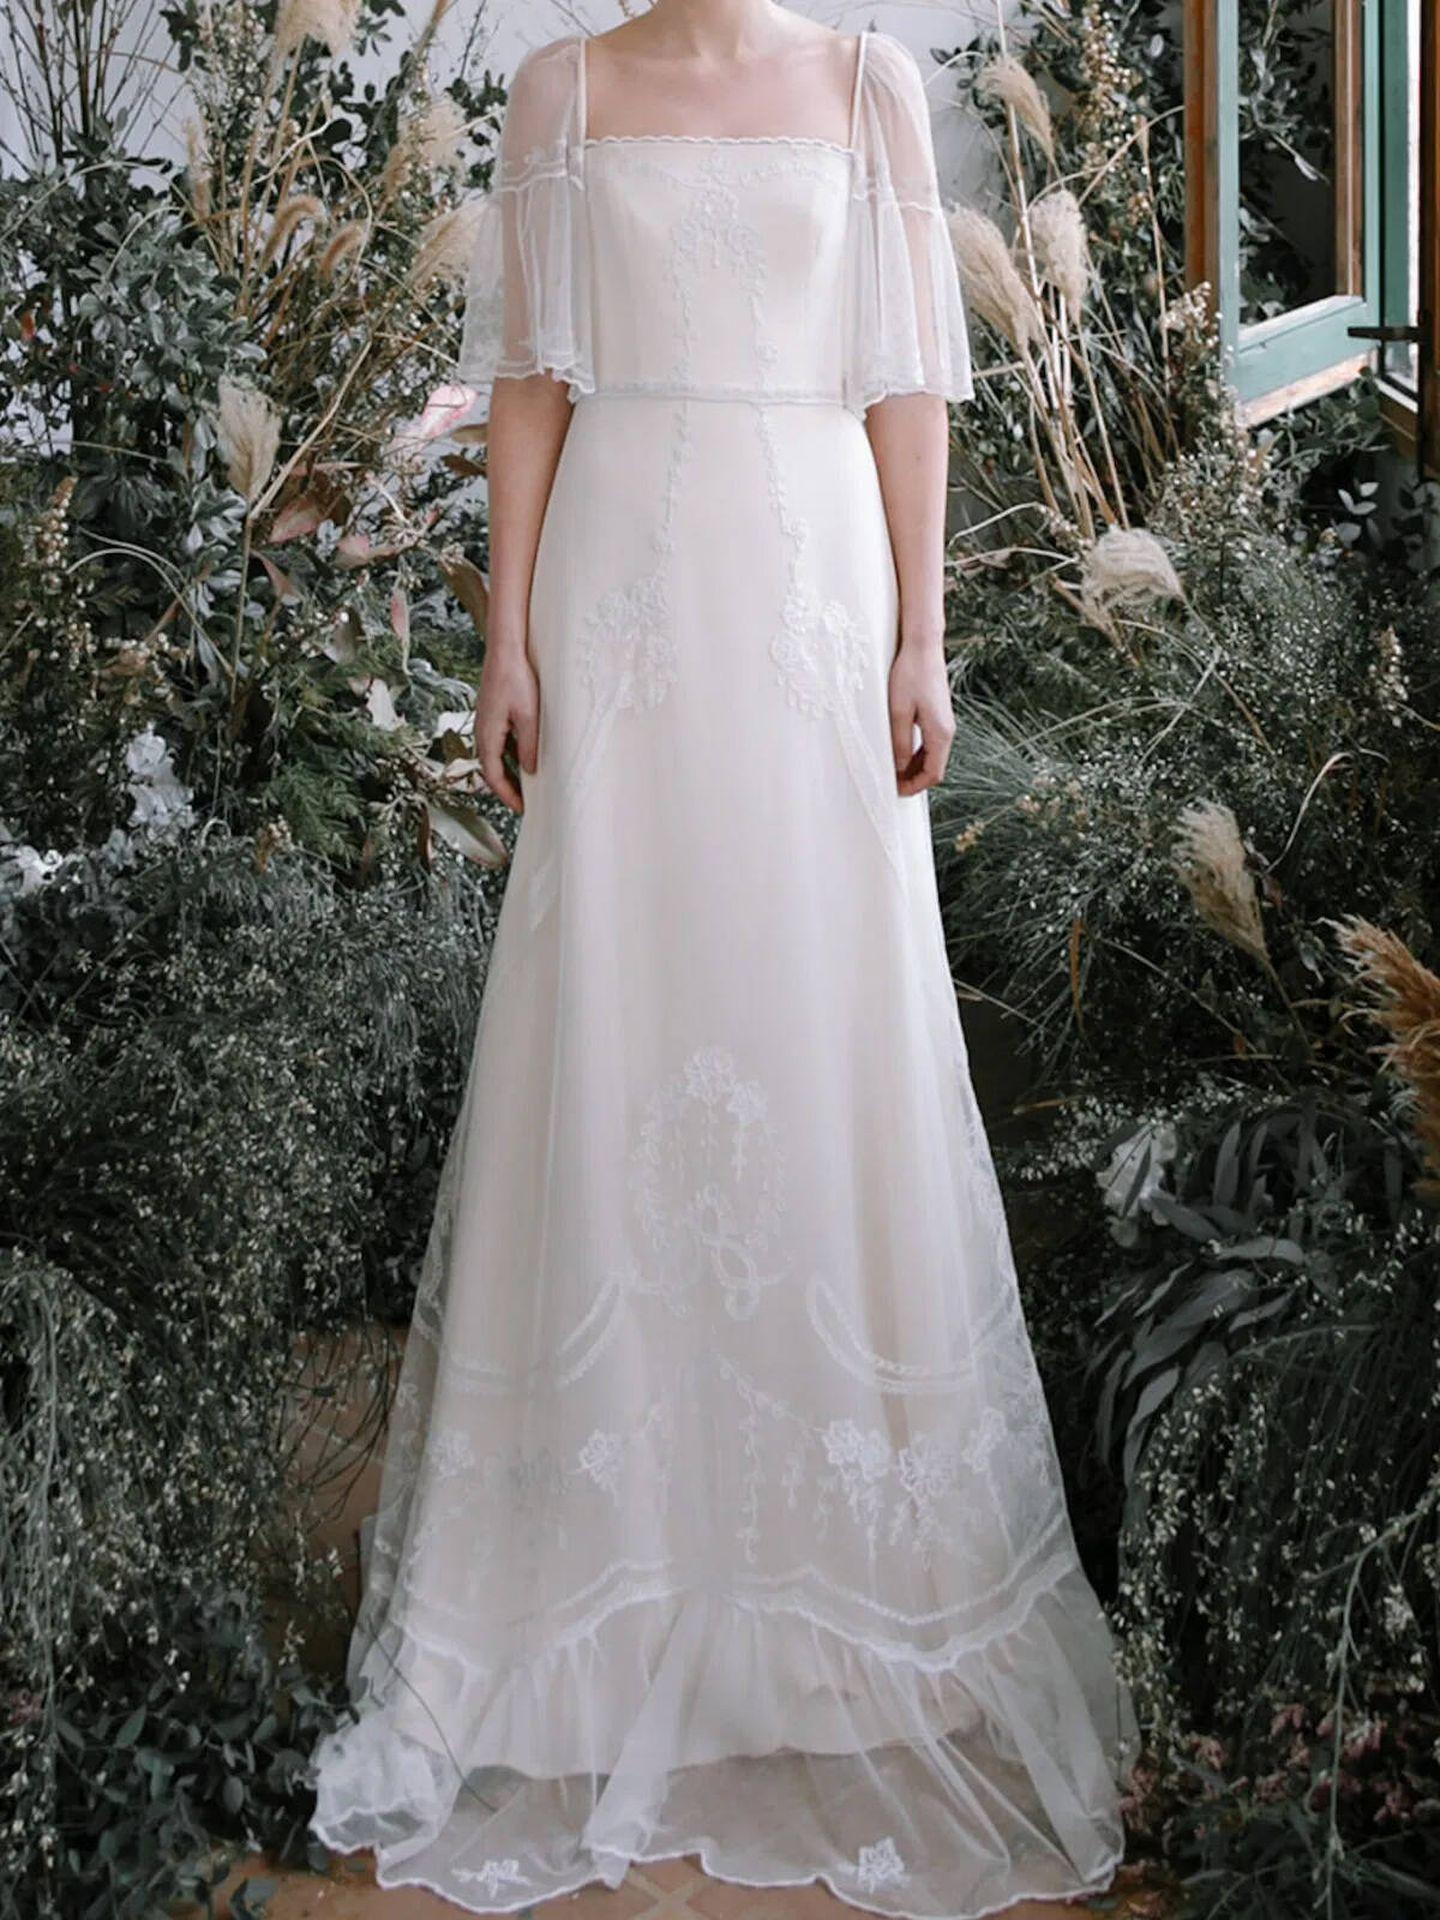 Los vestidos de novia de L'Arca son atemporales y femeninos. (Cortesía)